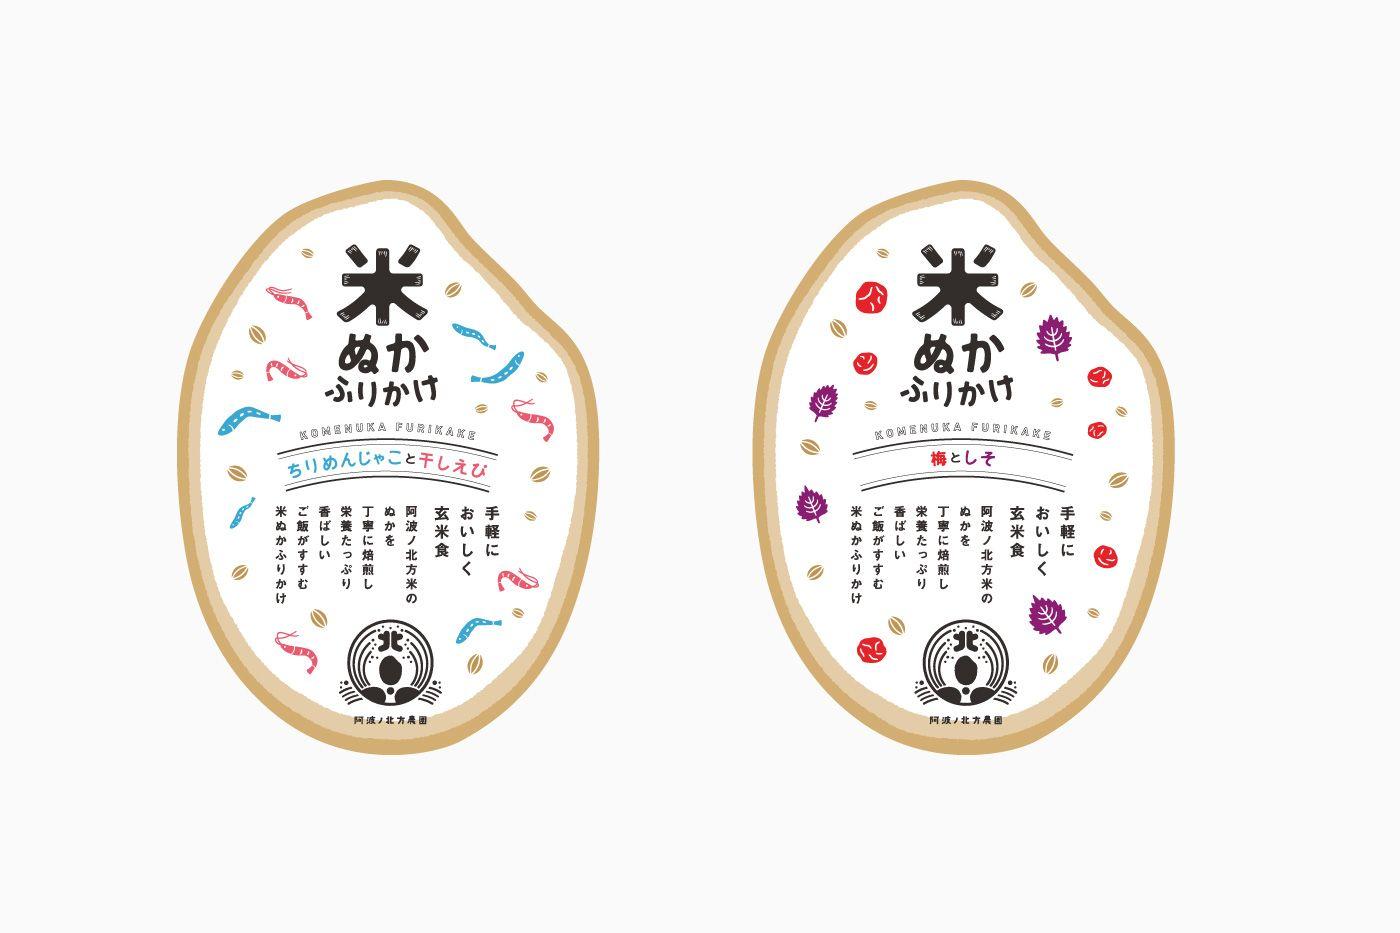 米ぬかふりかけ Tsugi ツギ パンフレット デザイン 米 デザイン 名刺 デザイン